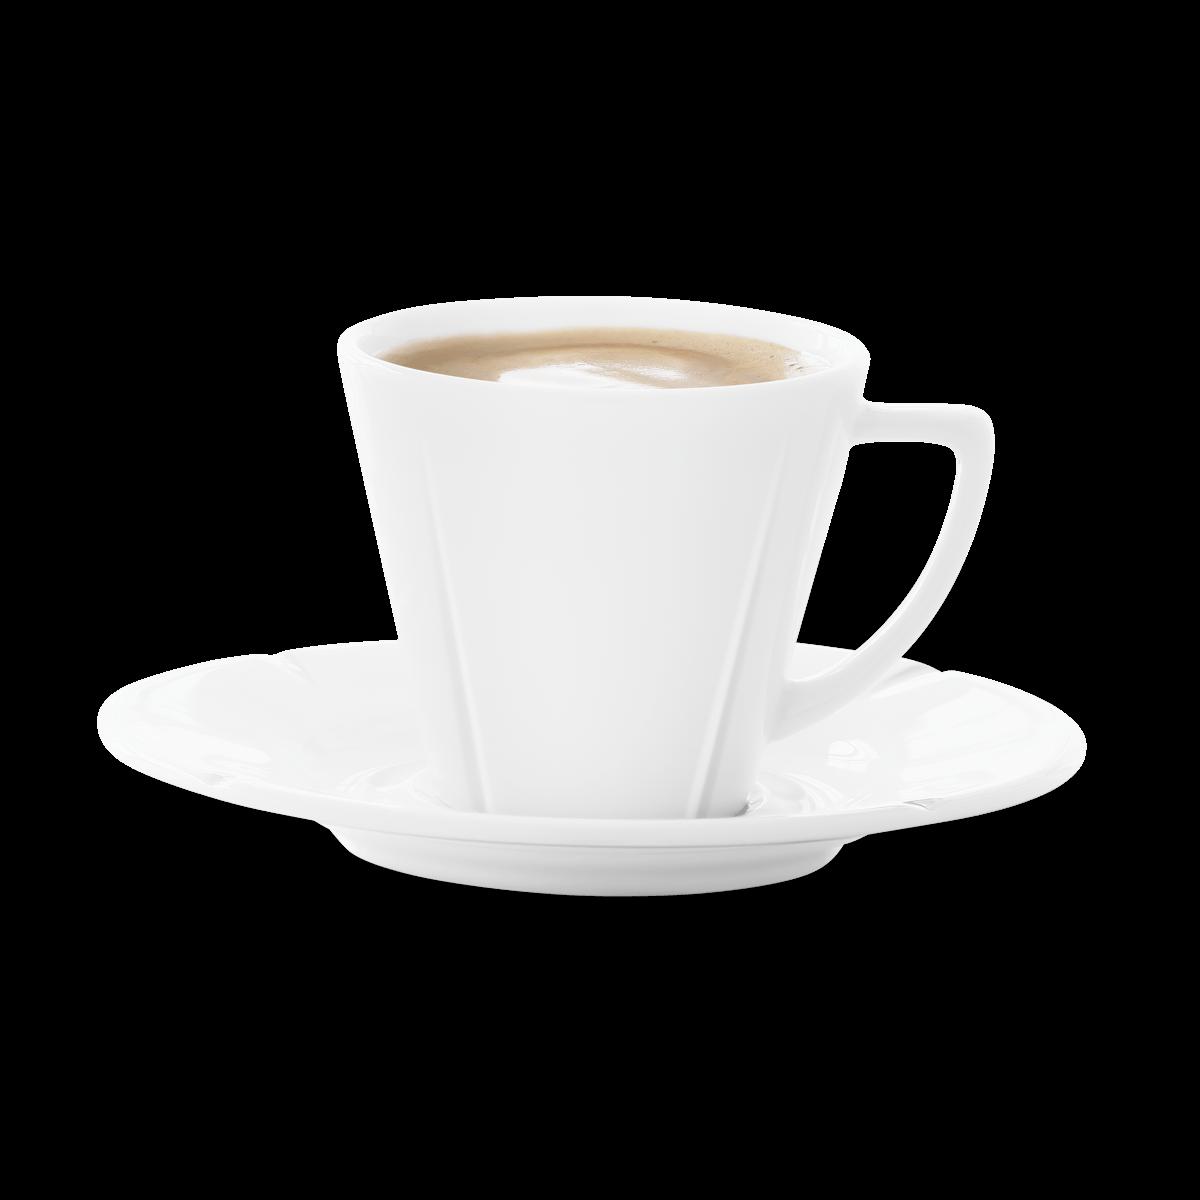 ROSENDAHL Grand Cru espressokop